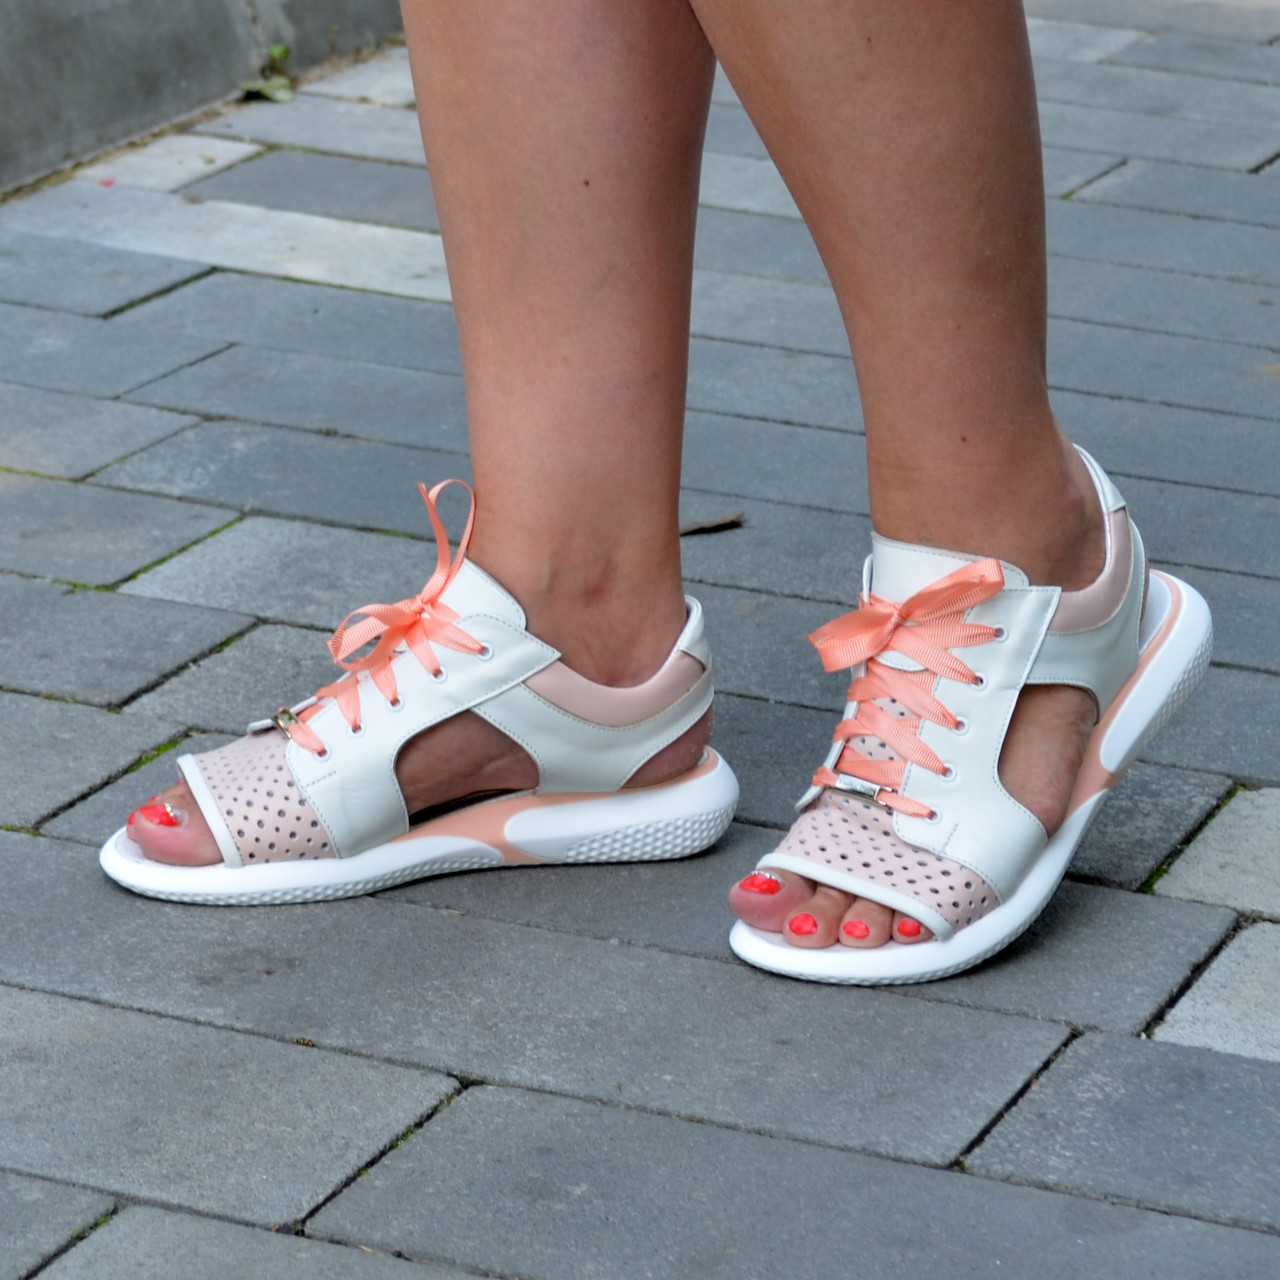 Босоножки спортивные кожаные на шнурках, цвет белый/пудра